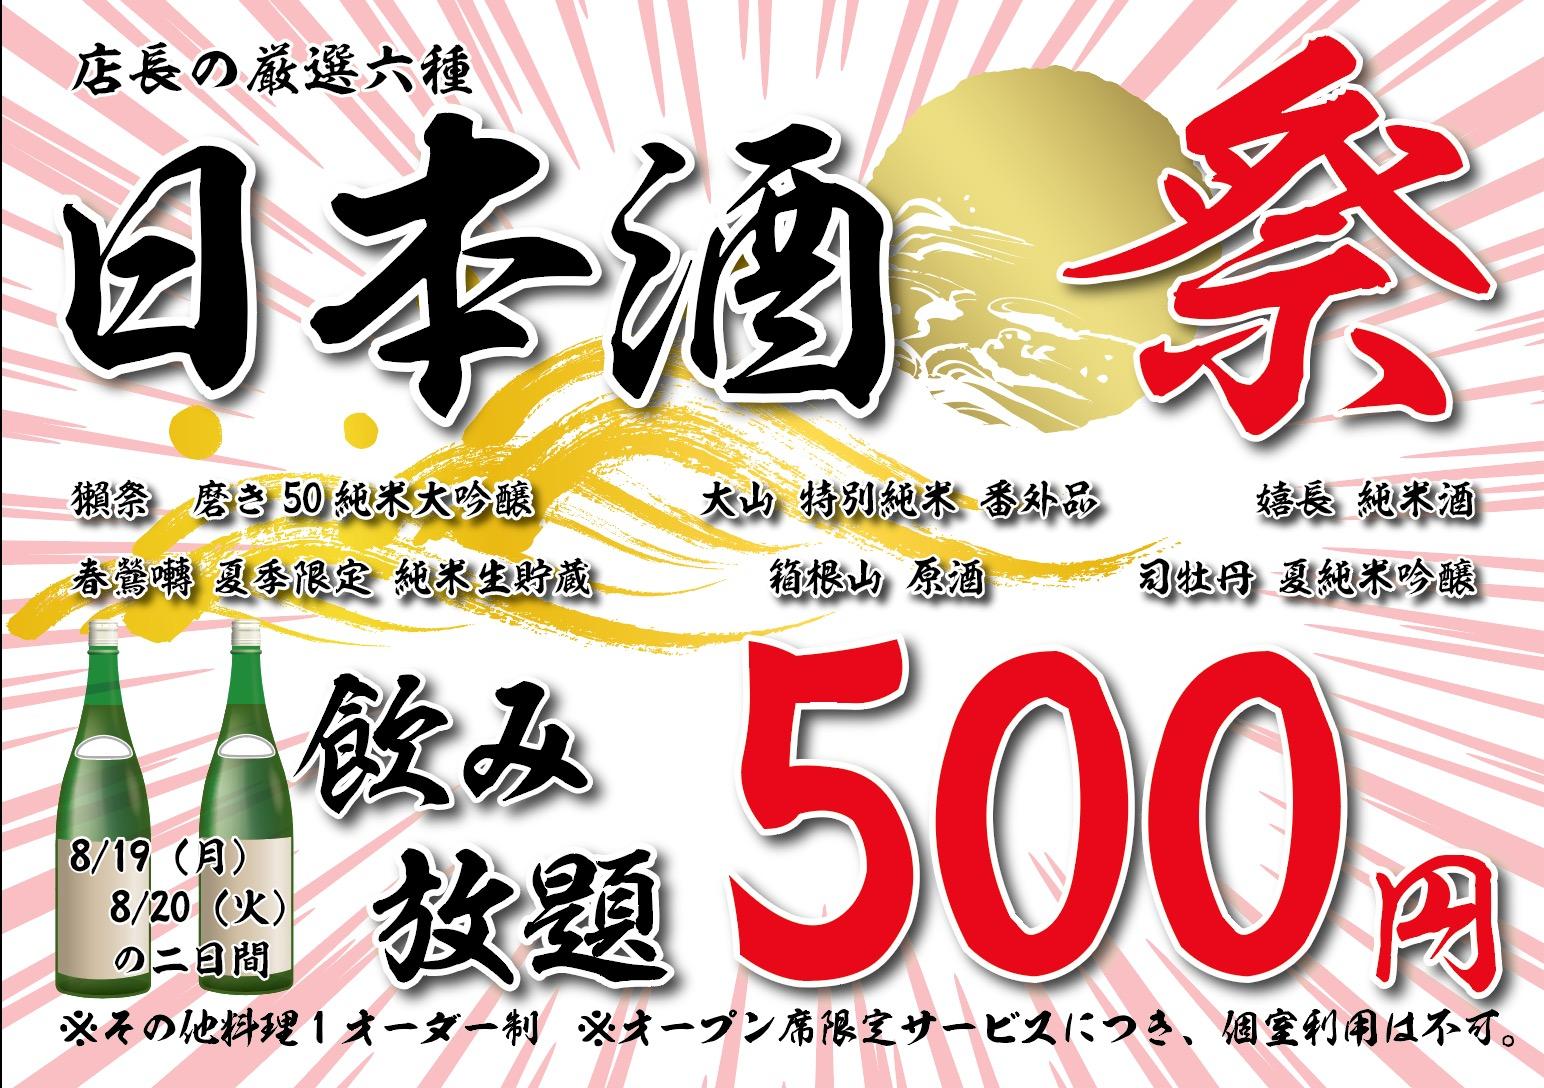 【大馬鹿地蔵 池袋西口】のお得な日本酒まつり